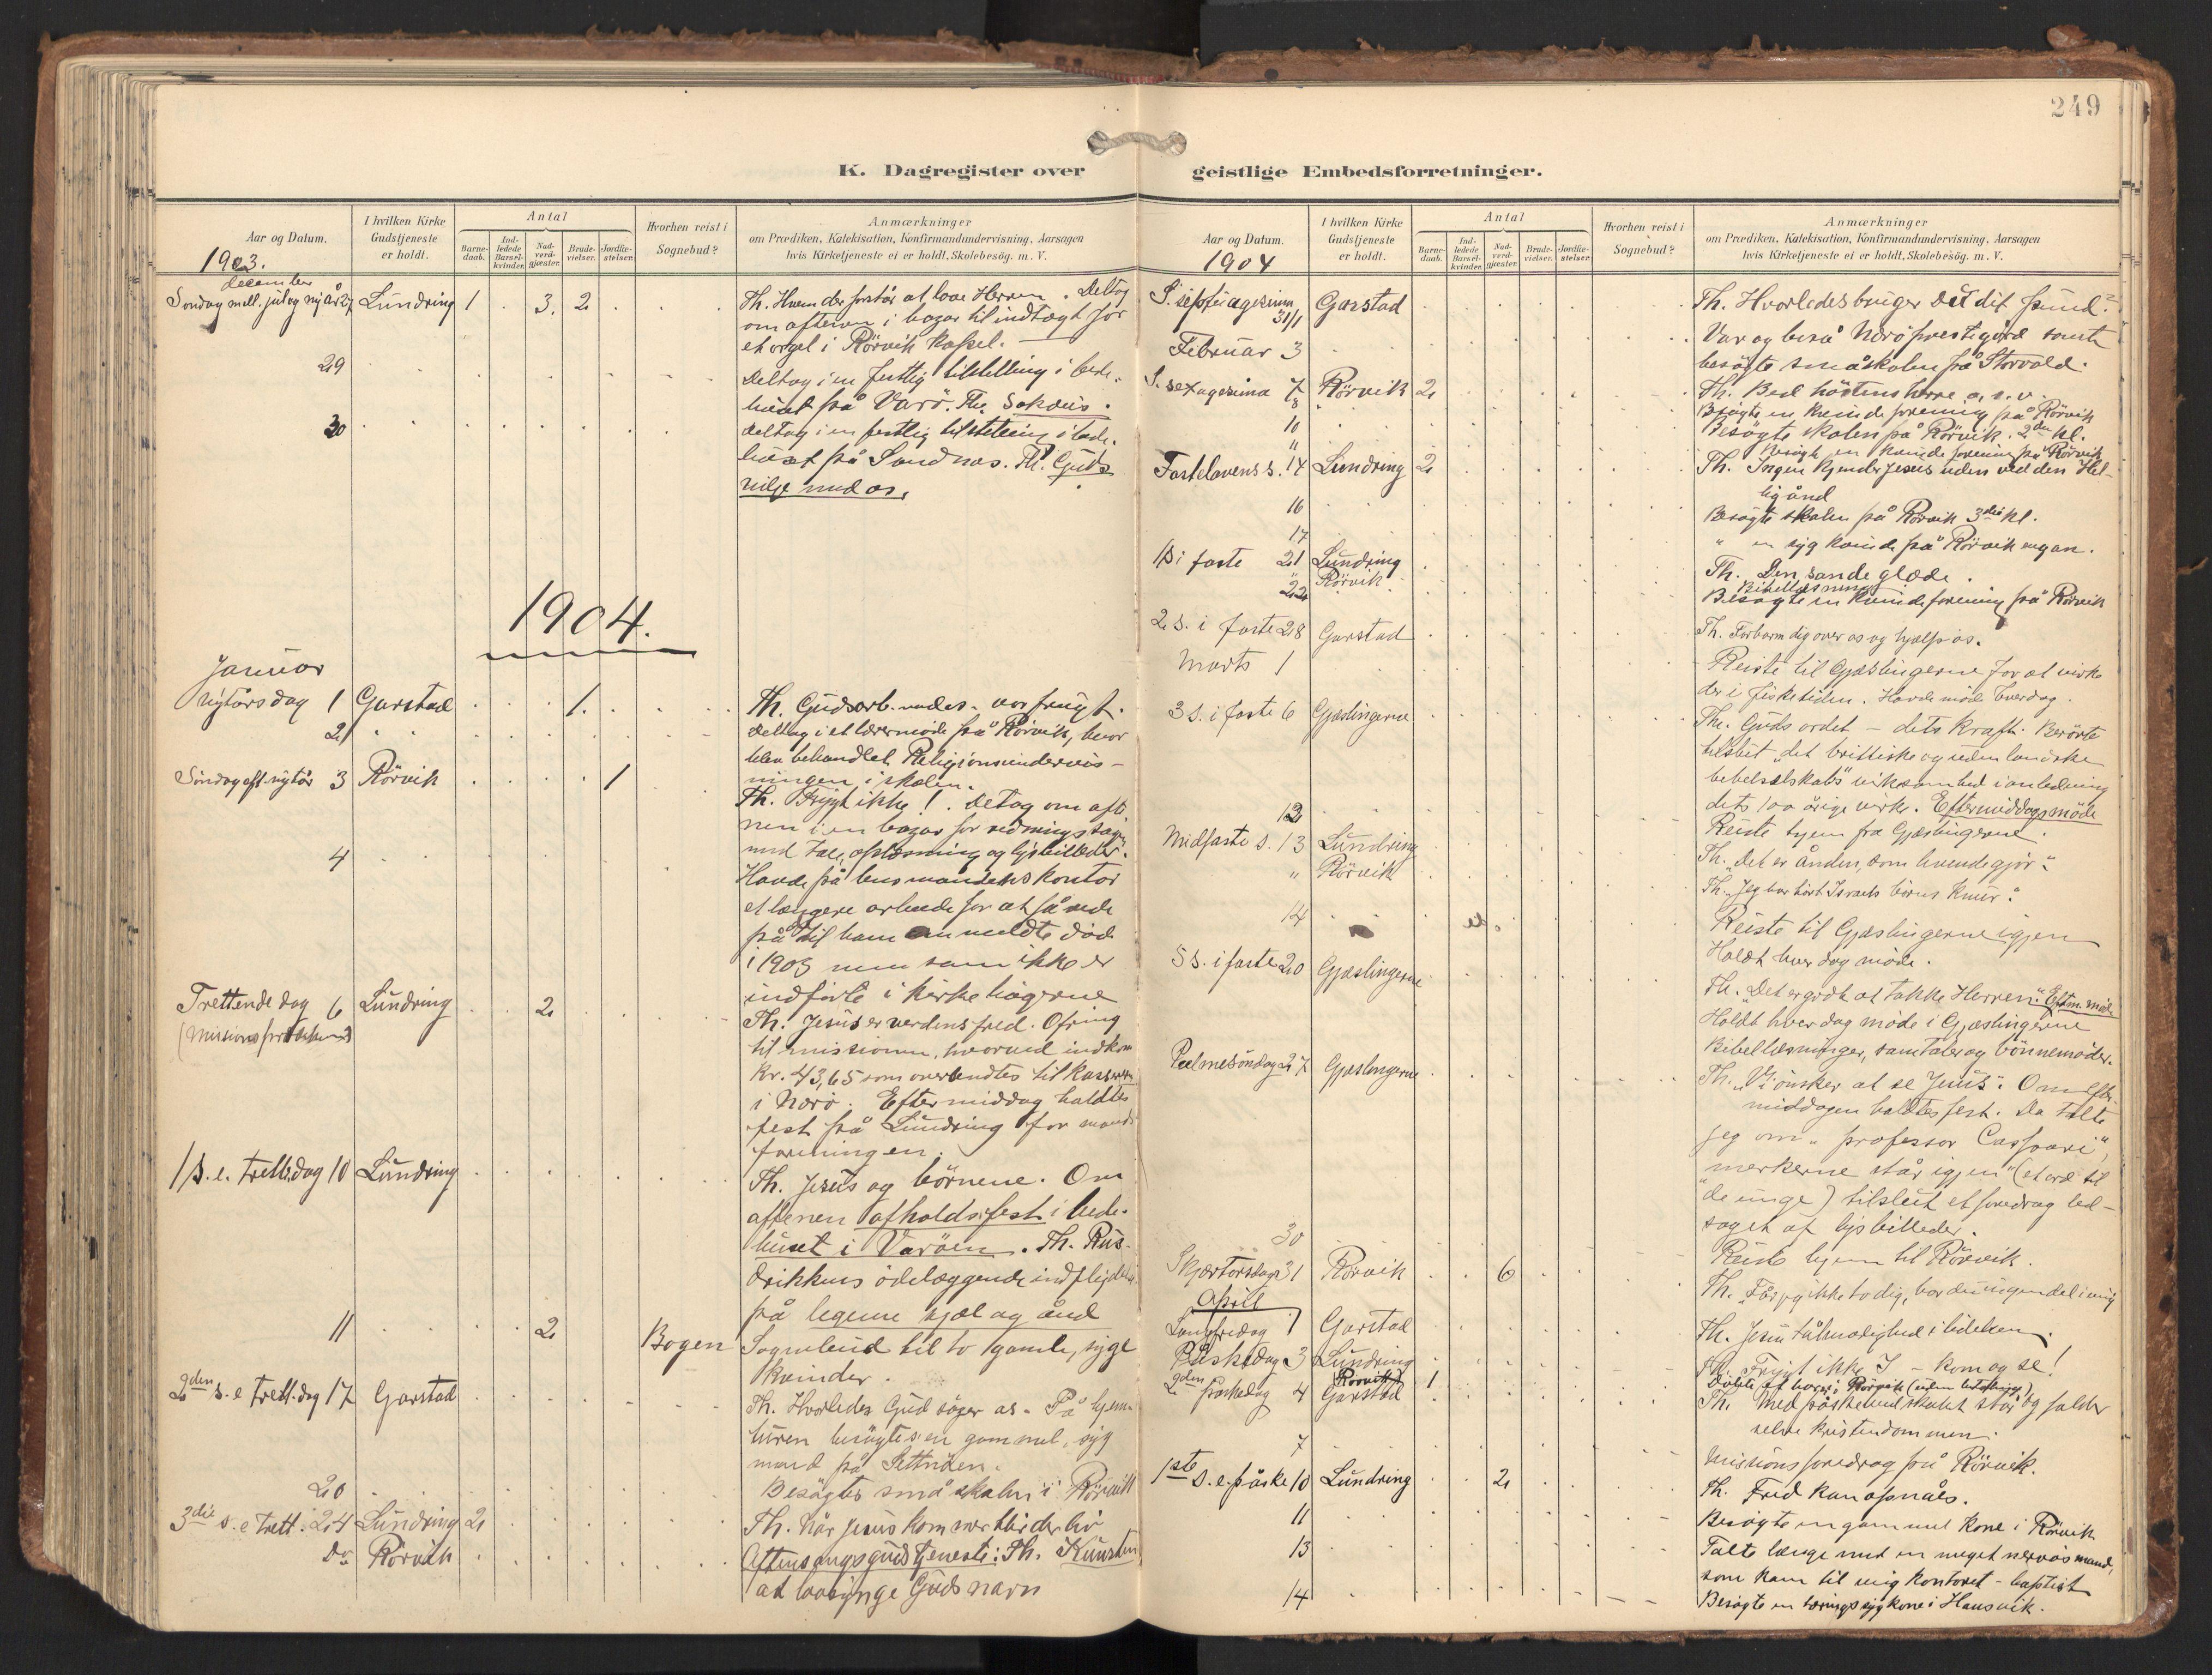 SAT, Ministerialprotokoller, klokkerbøker og fødselsregistre - Nord-Trøndelag, 784/L0677: Ministerialbok nr. 784A12, 1900-1920, s. 249